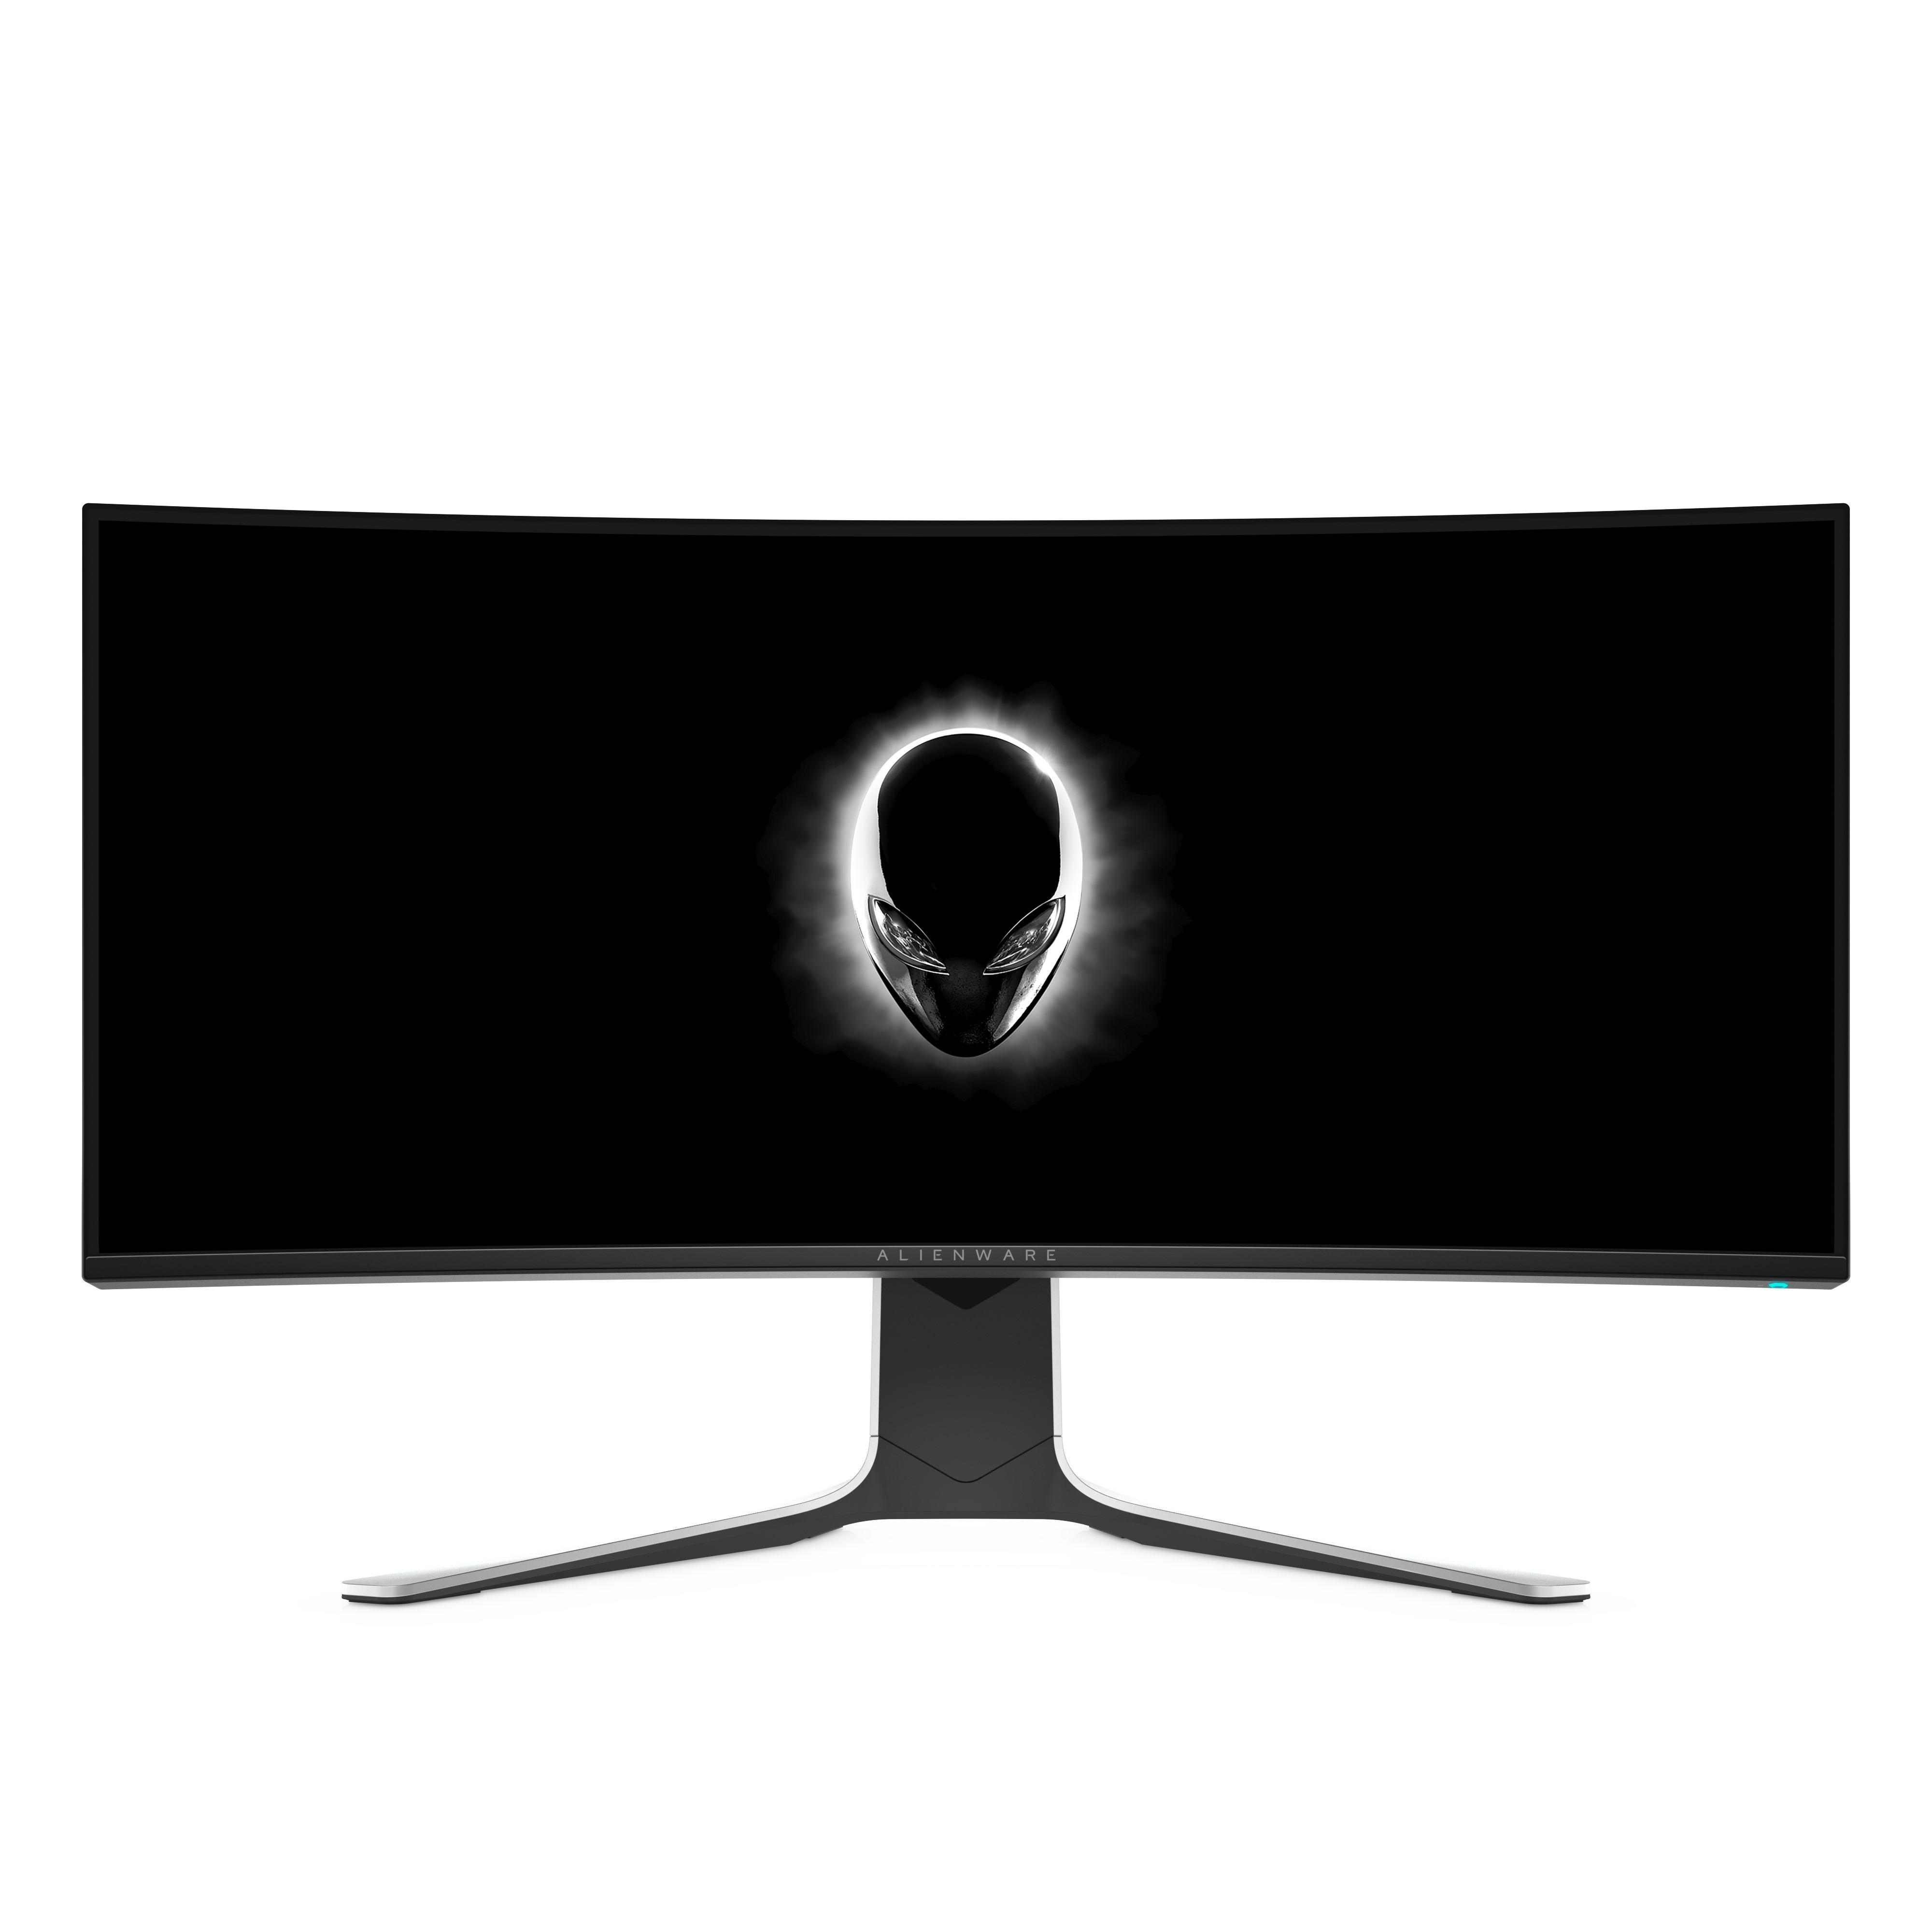 2022026-Alienware-AW3420DW-86-6-cm-34-1-3440-x-1440-Pixel-WQHD-LCD-Curvo-Bianc